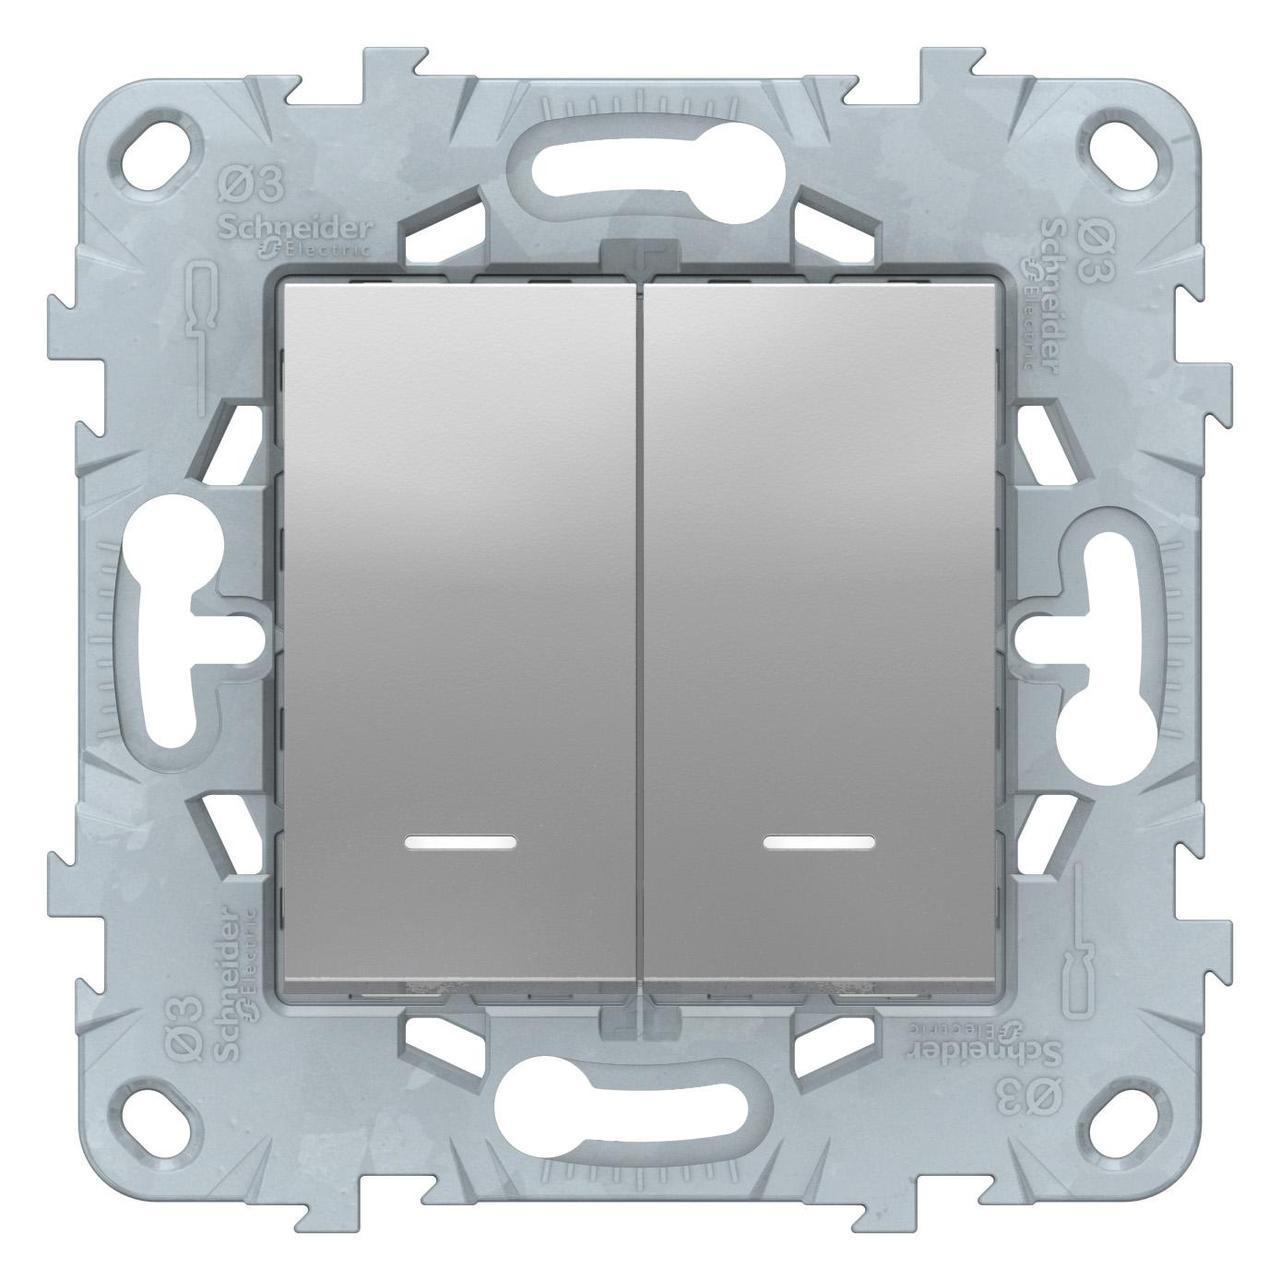 Выключатель 2-клавишный , с подсветкой , Алюминий, серия Unica New, Schneider Electric